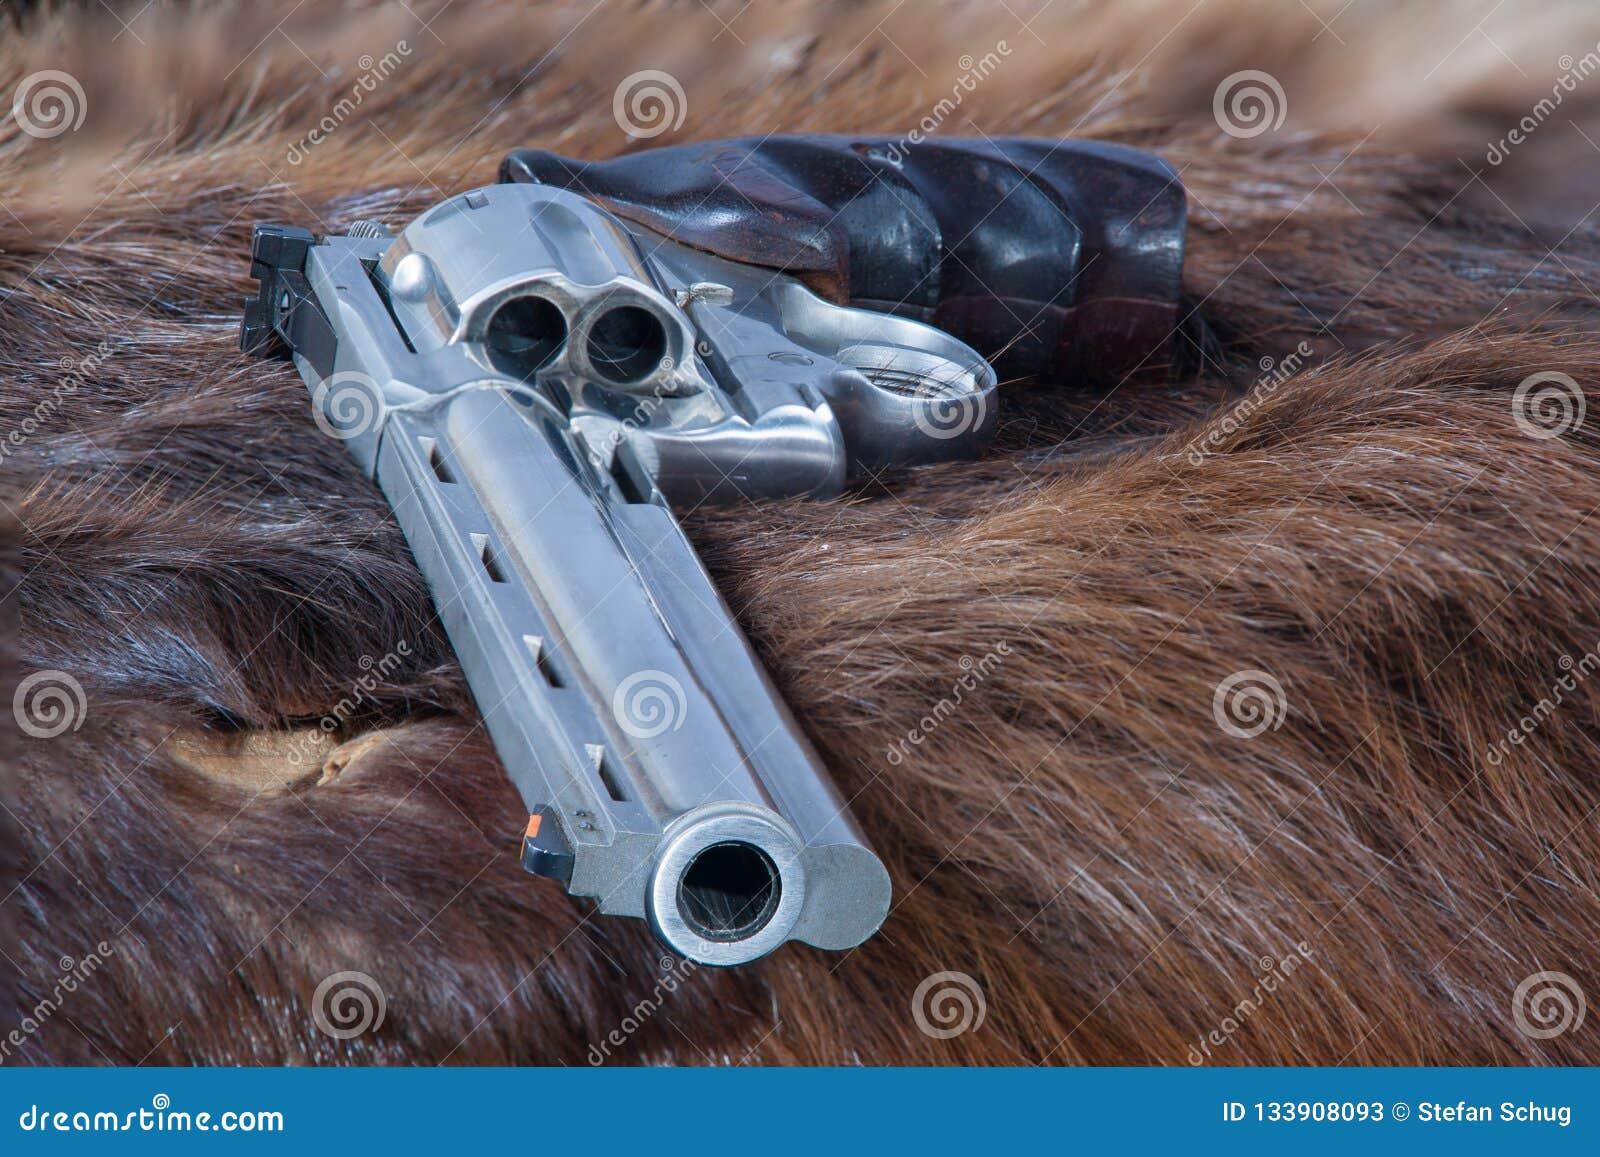 Револьвер на шубнине бобра